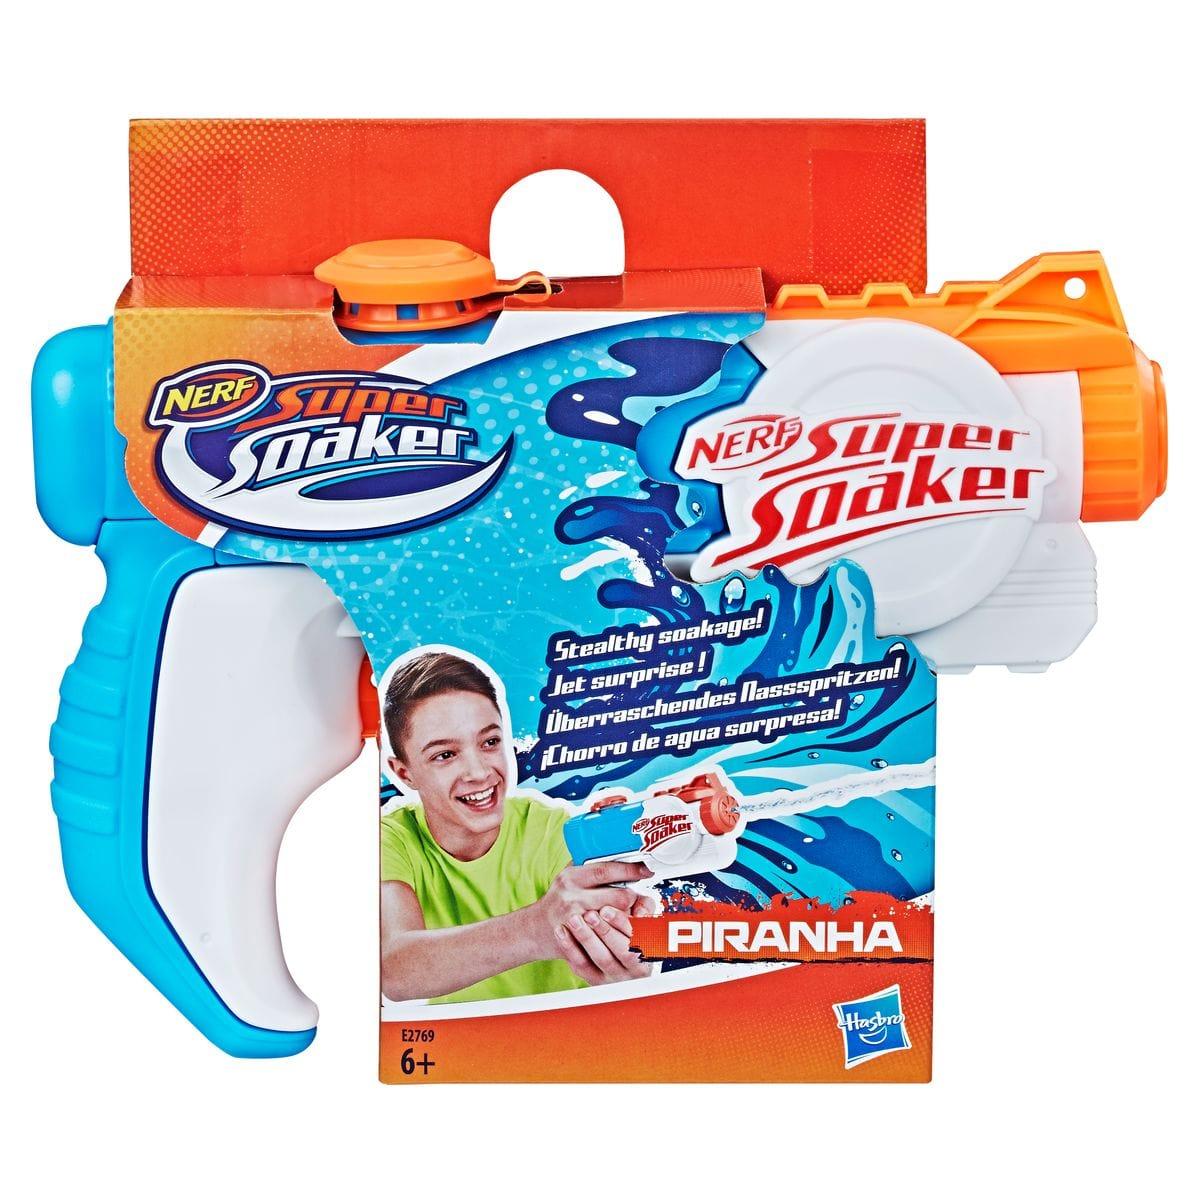 Nerf Super Soaker Piranha Blaster